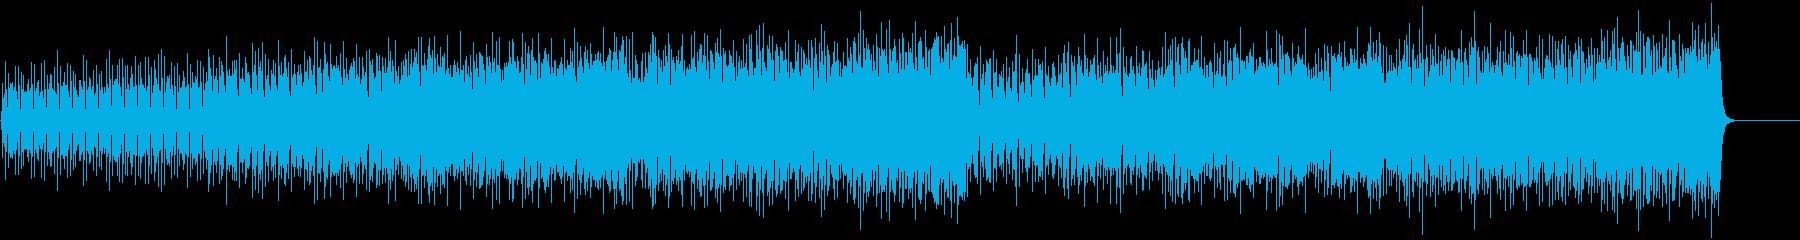 軽快なリズムでノリの良いポップ/ファンクの再生済みの波形